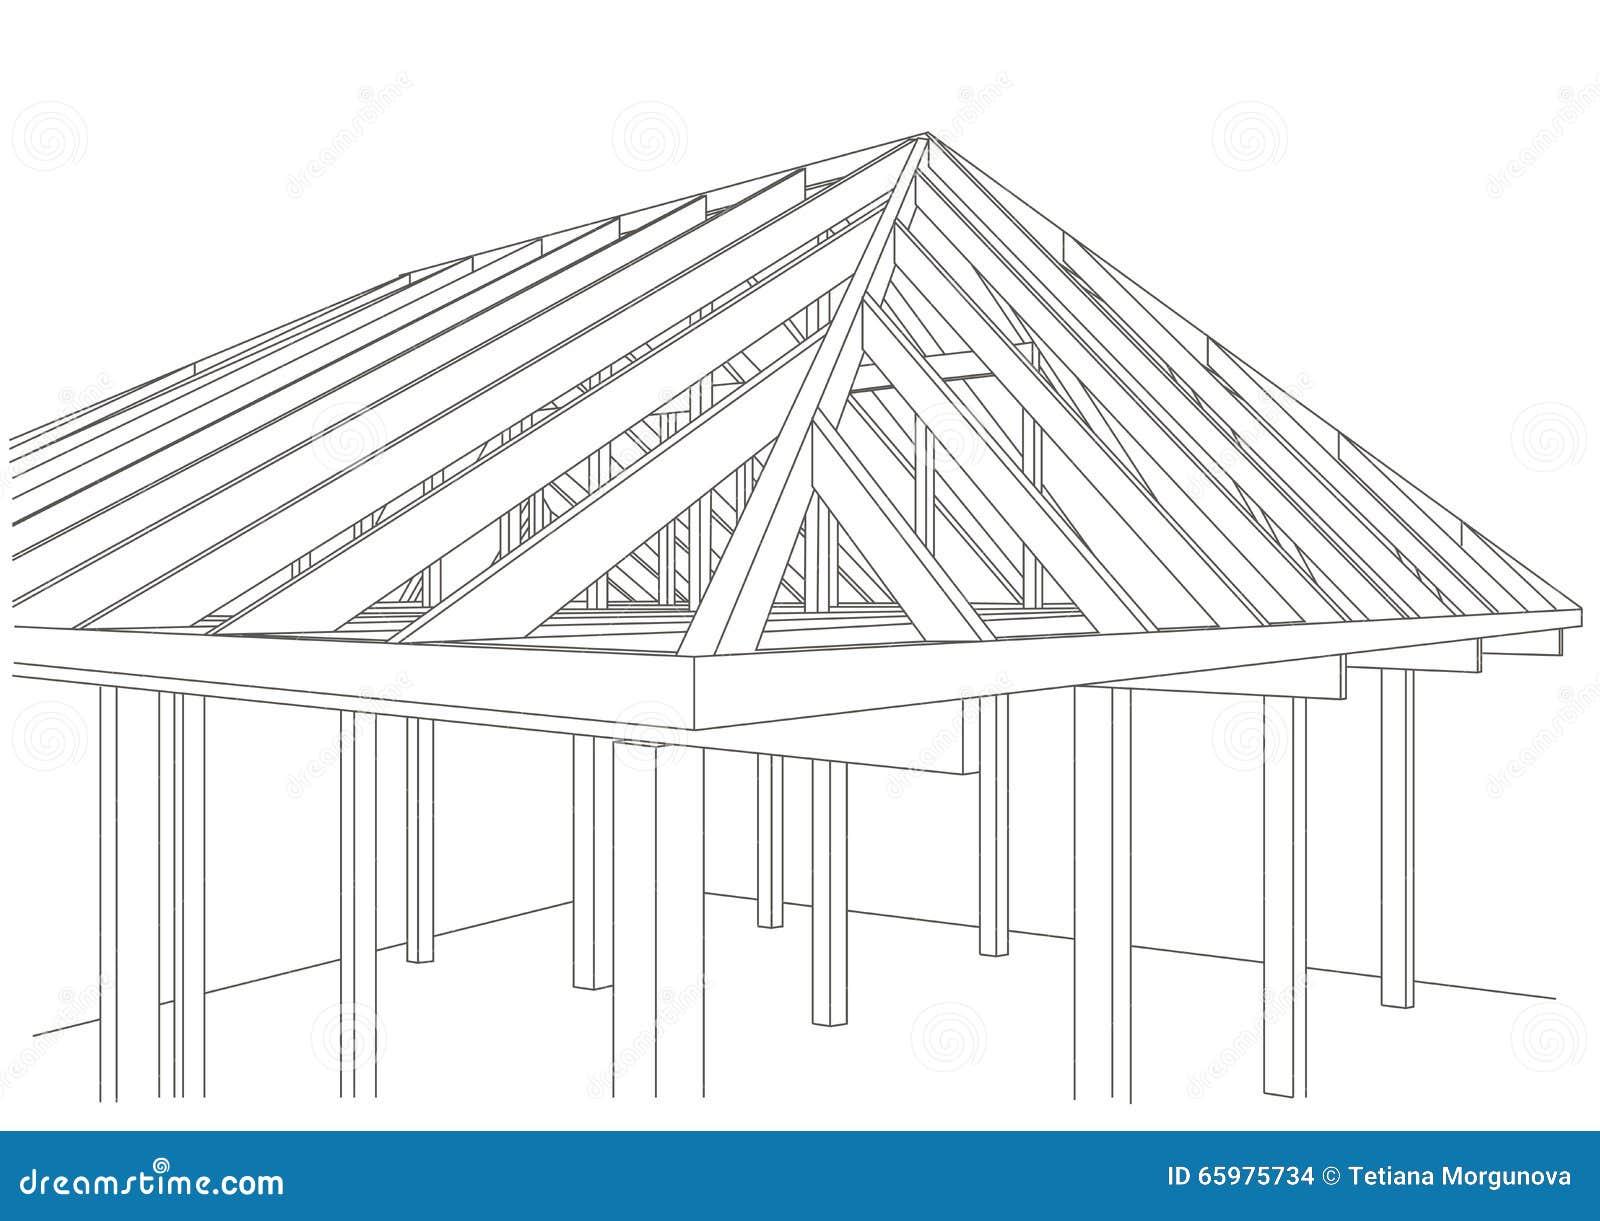 Atemberaubend Ein Rahmenhäuser Kits Bilder - Benutzerdefinierte ...